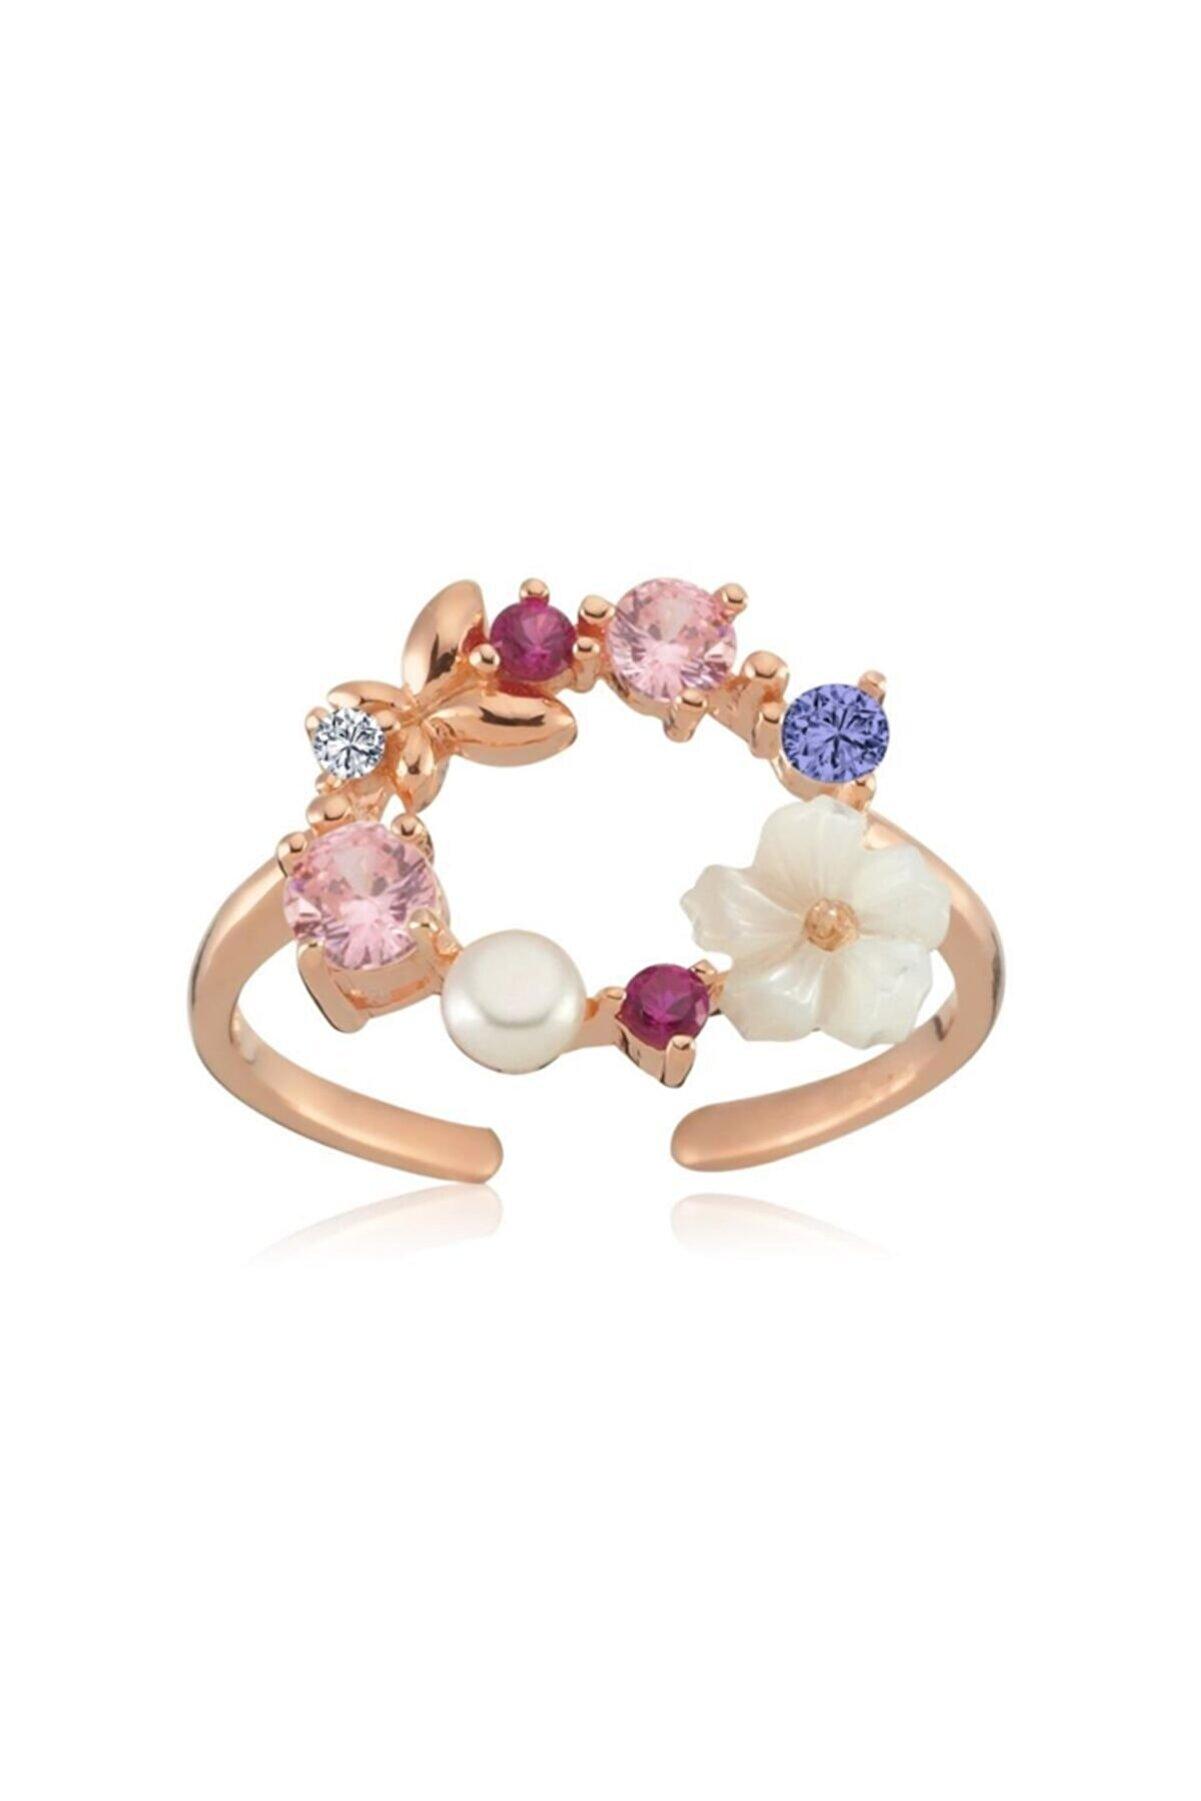 Mia Vento Işıltı Rüyası Rose Renk Manolya Çiçeği Gümüş Yüzük